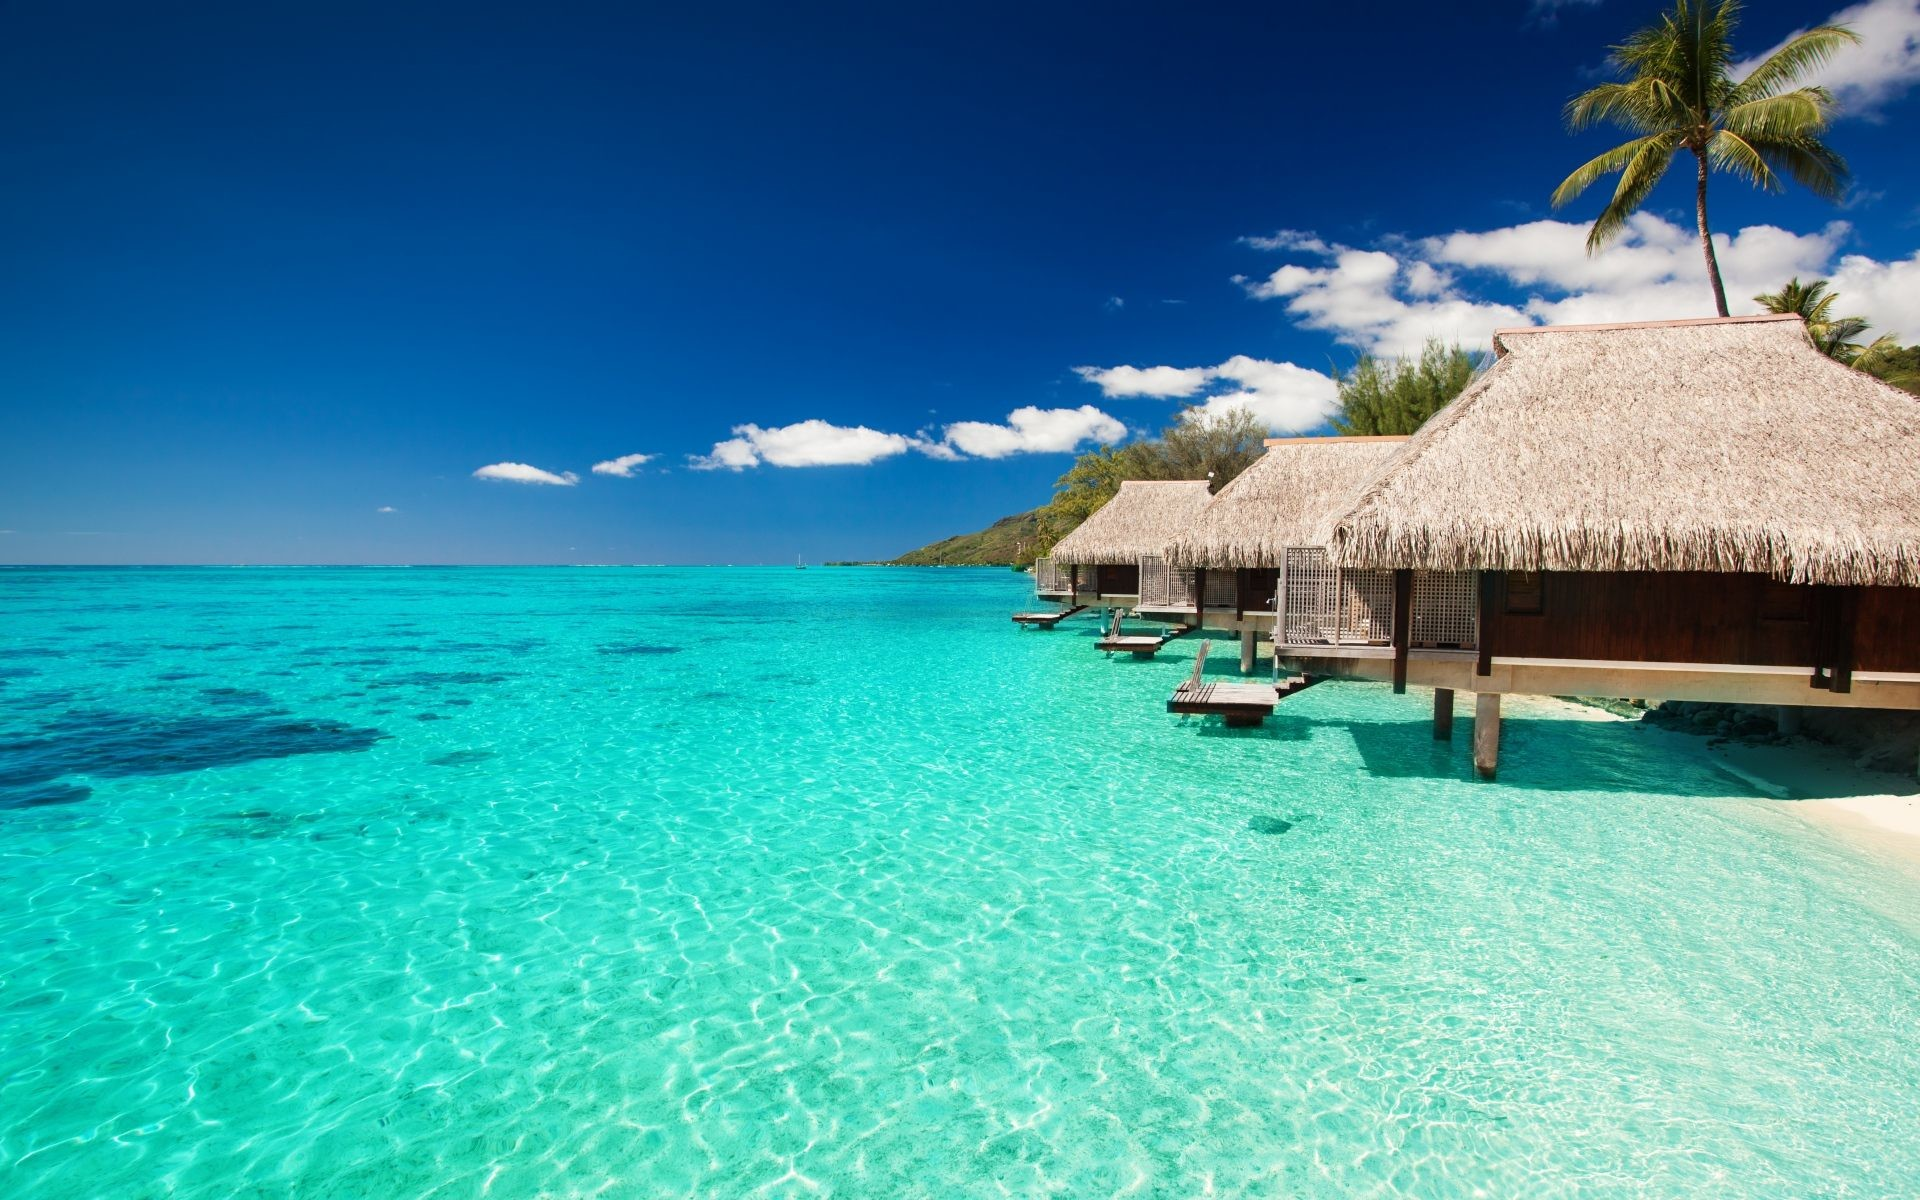 Tropical Beach Bungalows HD Wallpaper